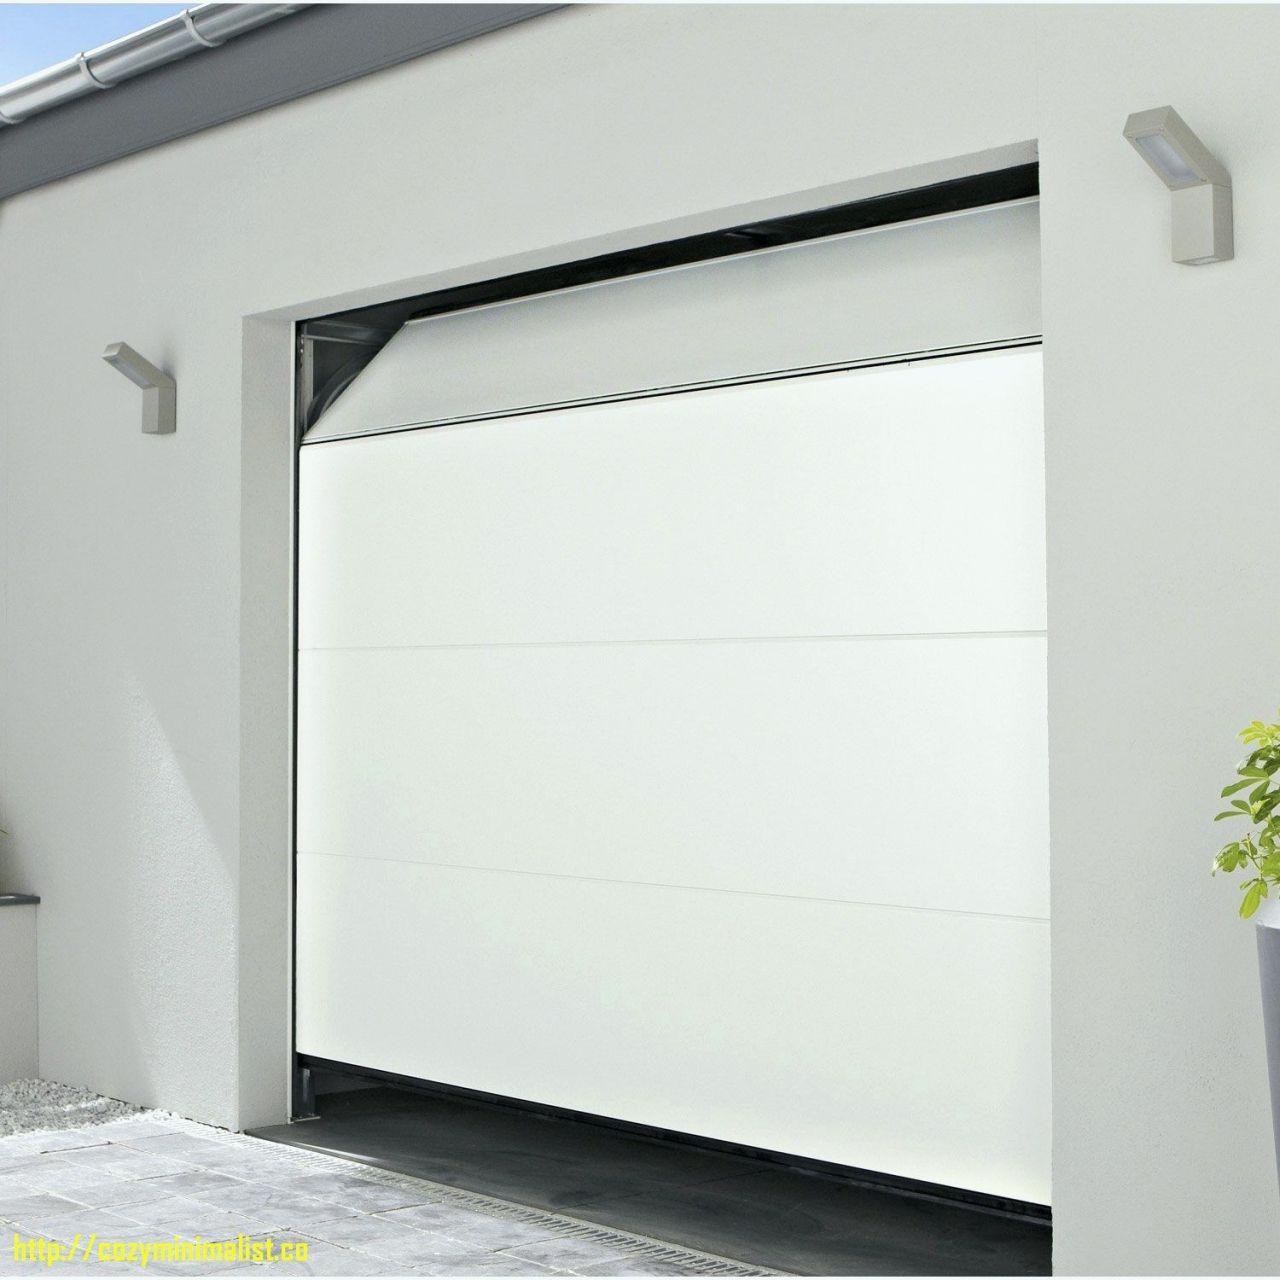 50 Remplacement Hublot Porte De Garage Check More At Https Www Dtvuy Info Remplacement Hublot Porte De Garage